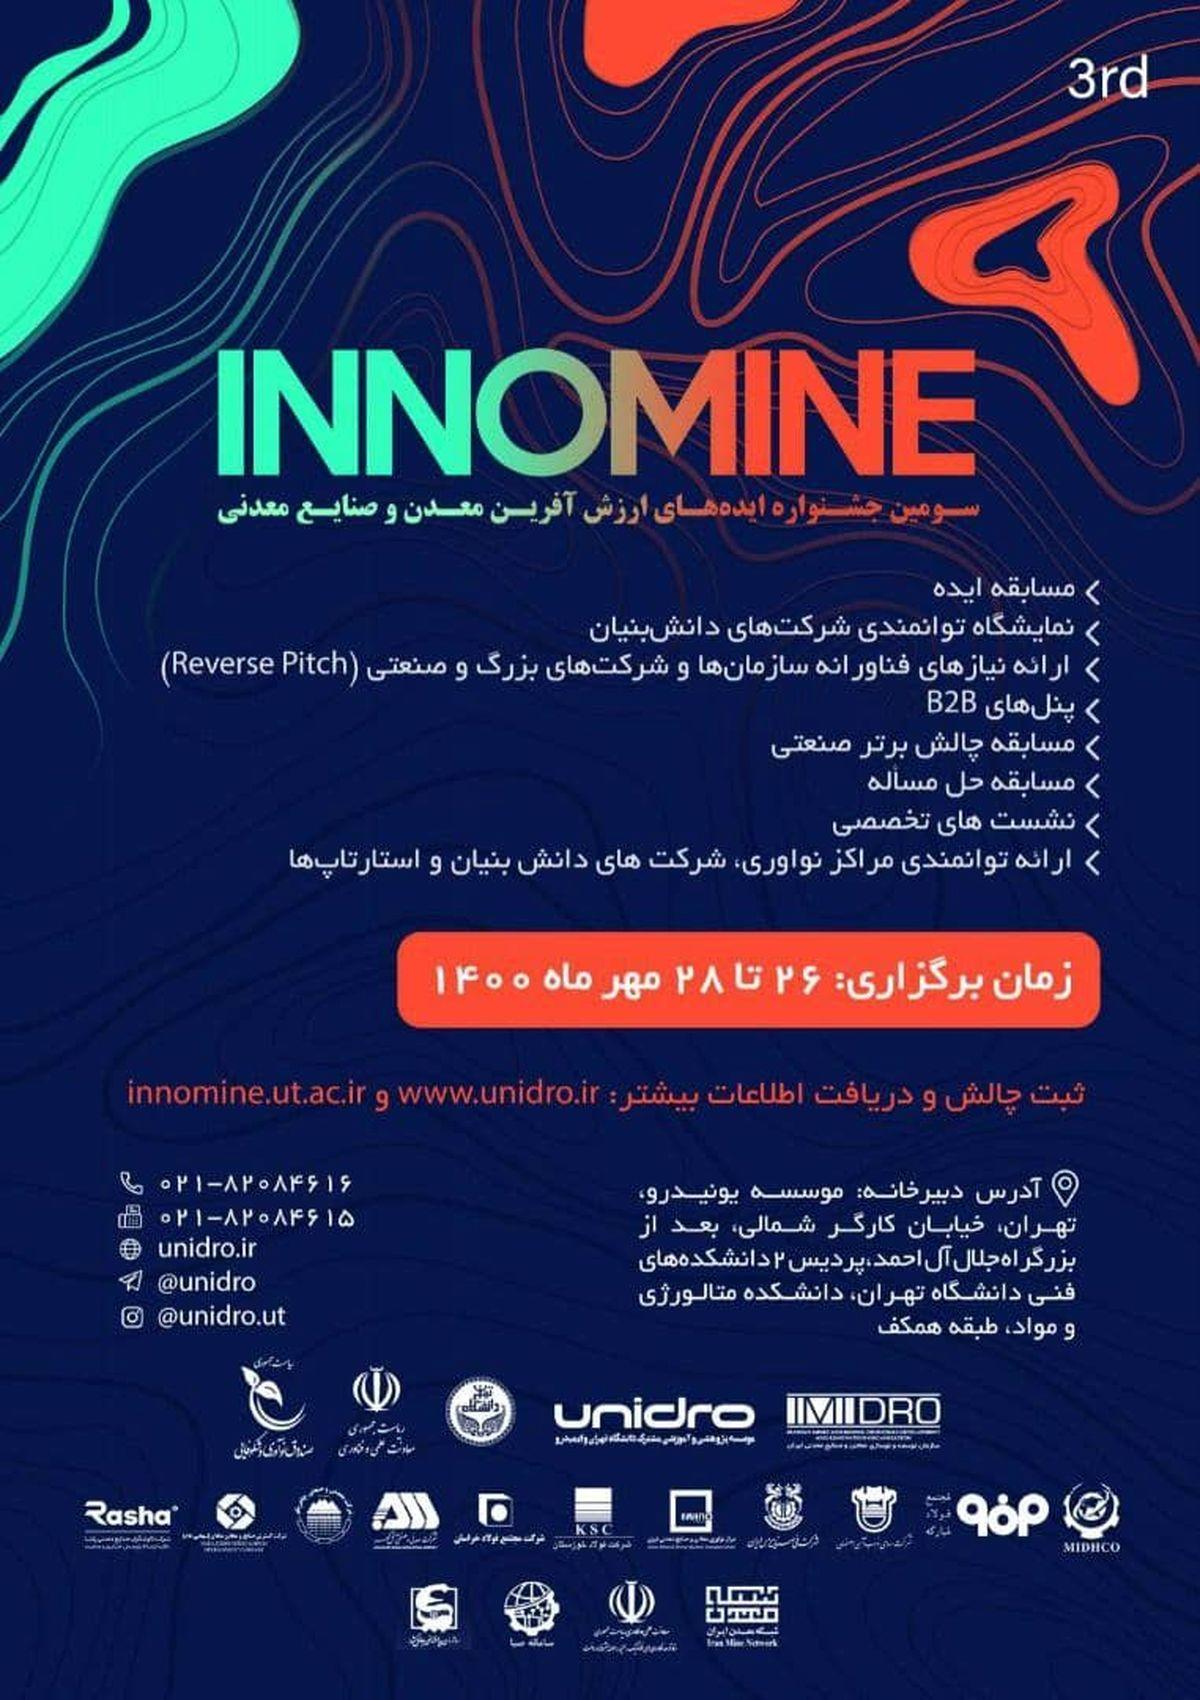 گلگهر حامی سومین جشنواره ایدههای ارزش آفرین معدنی کشور